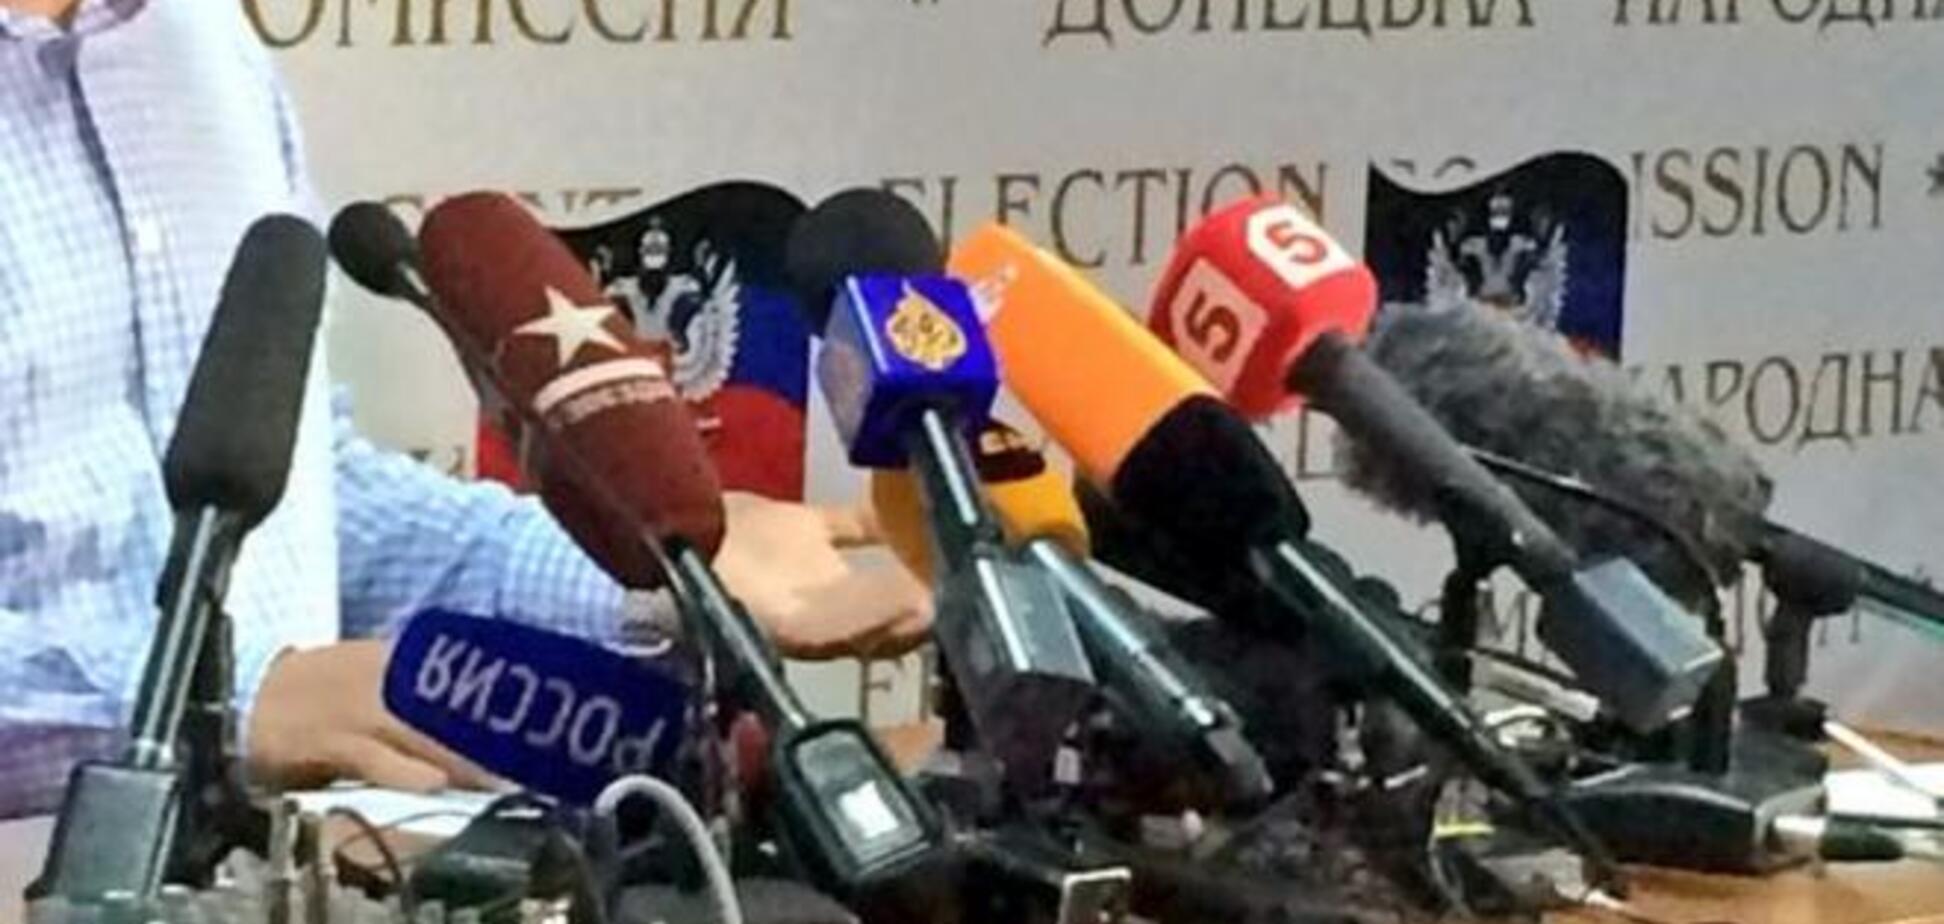 Після оголошення результатів 'референдуму' у Донецькій області мікрофон каналу 'Росія 1' впав. Фотофакт